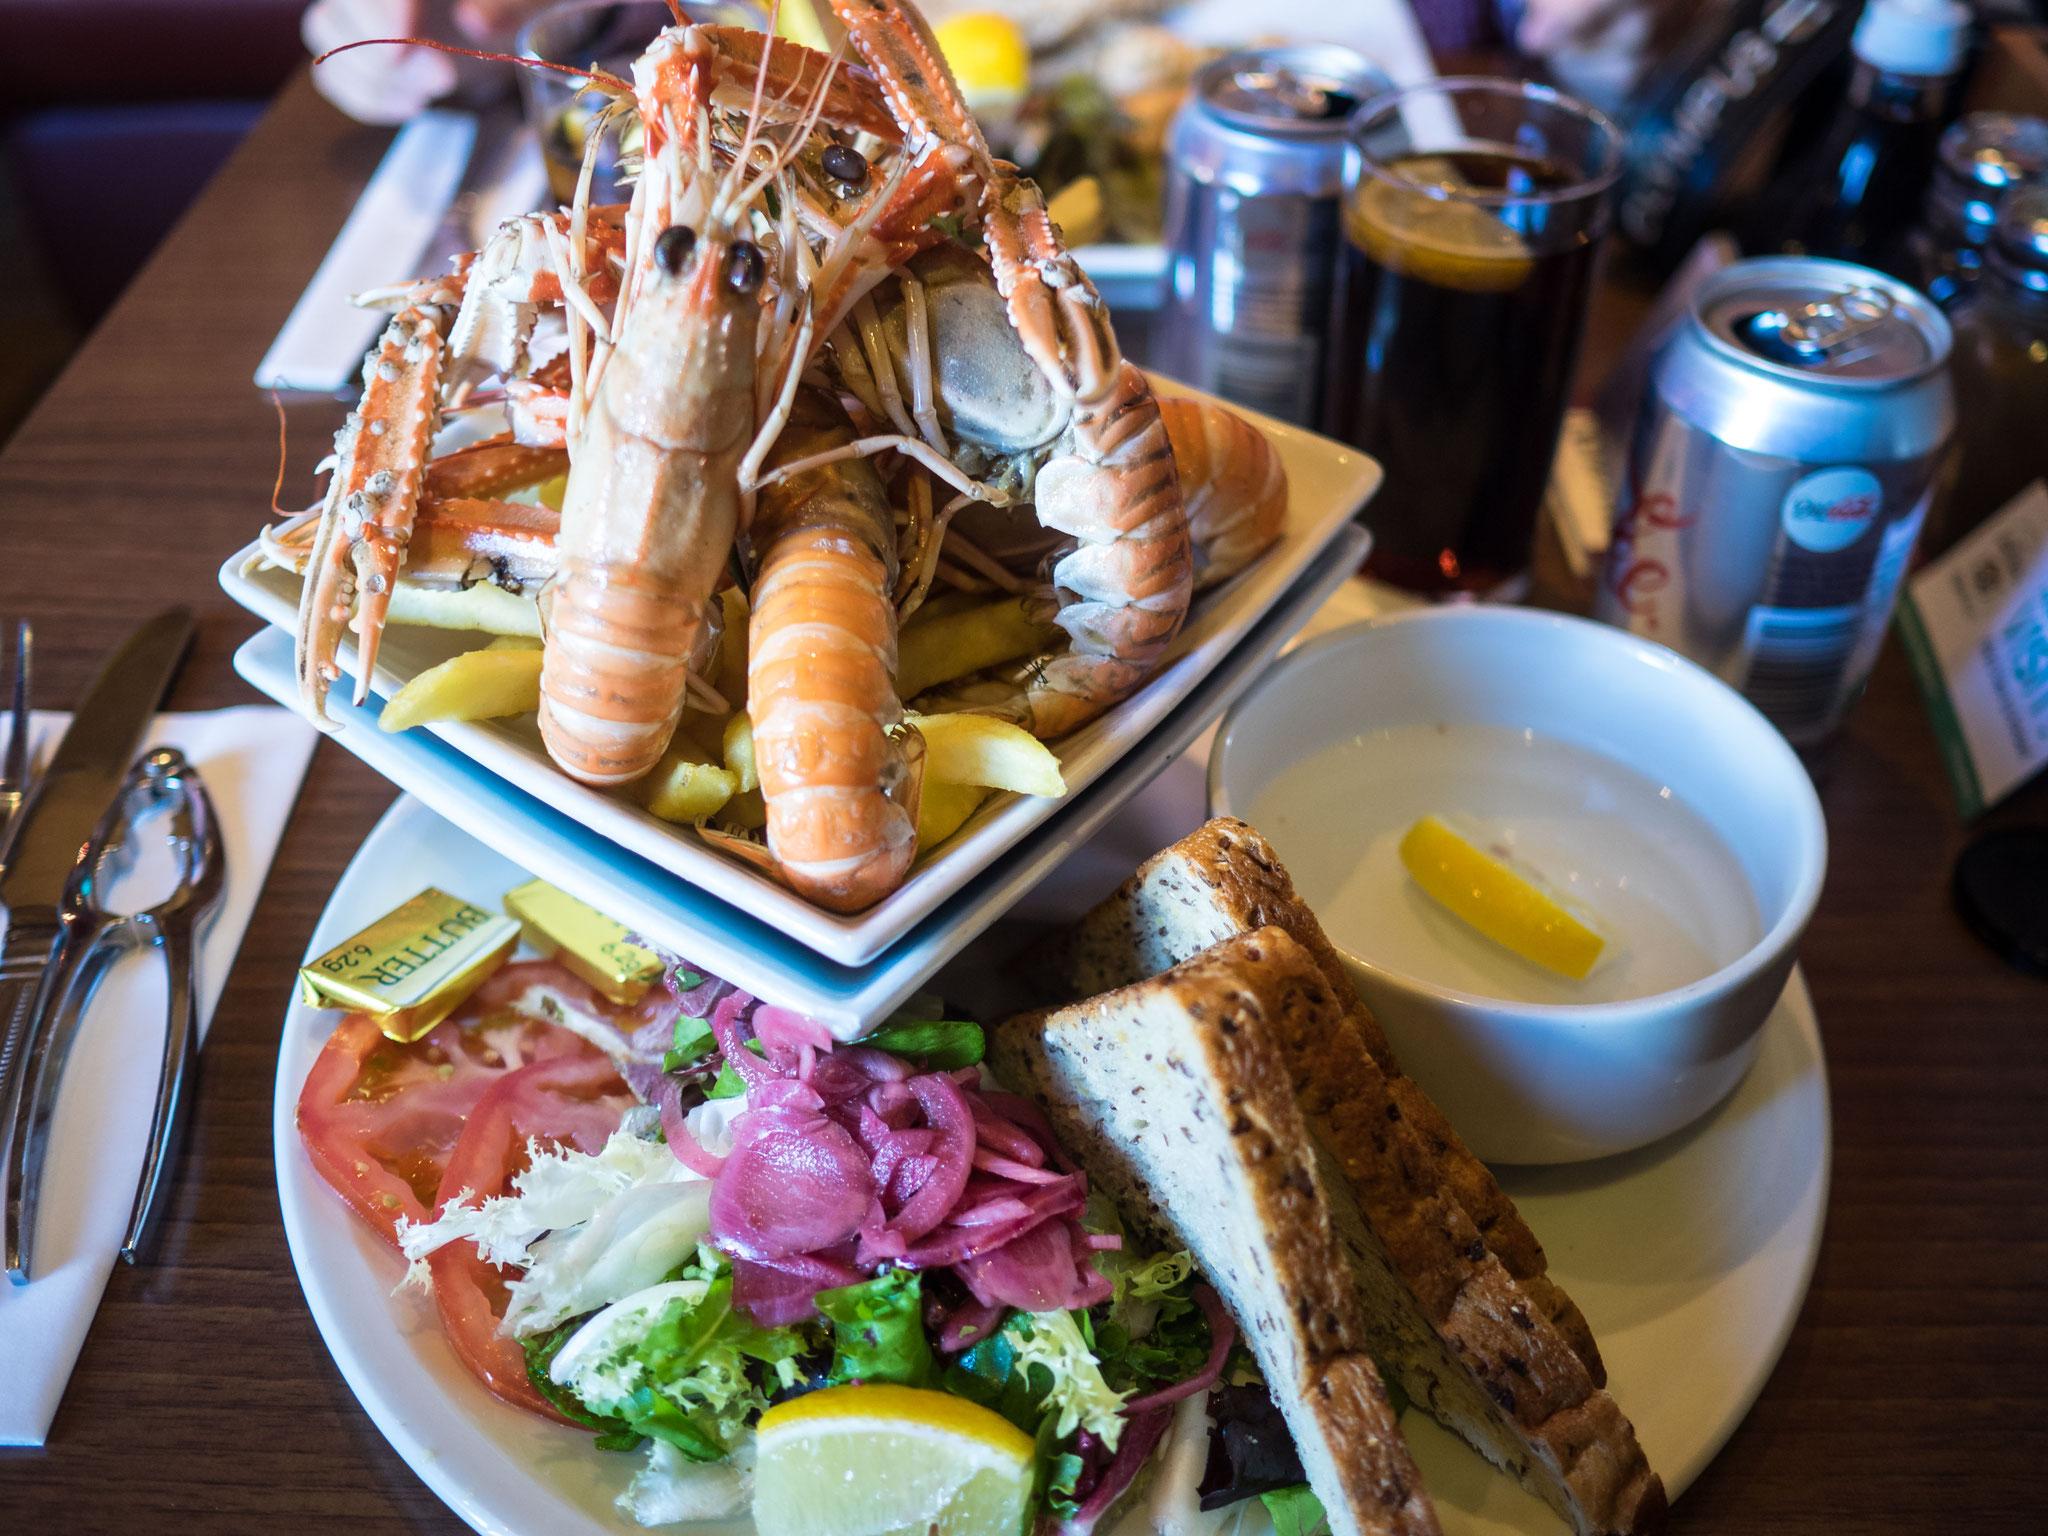 Bild: Mittagessen in Mallaig